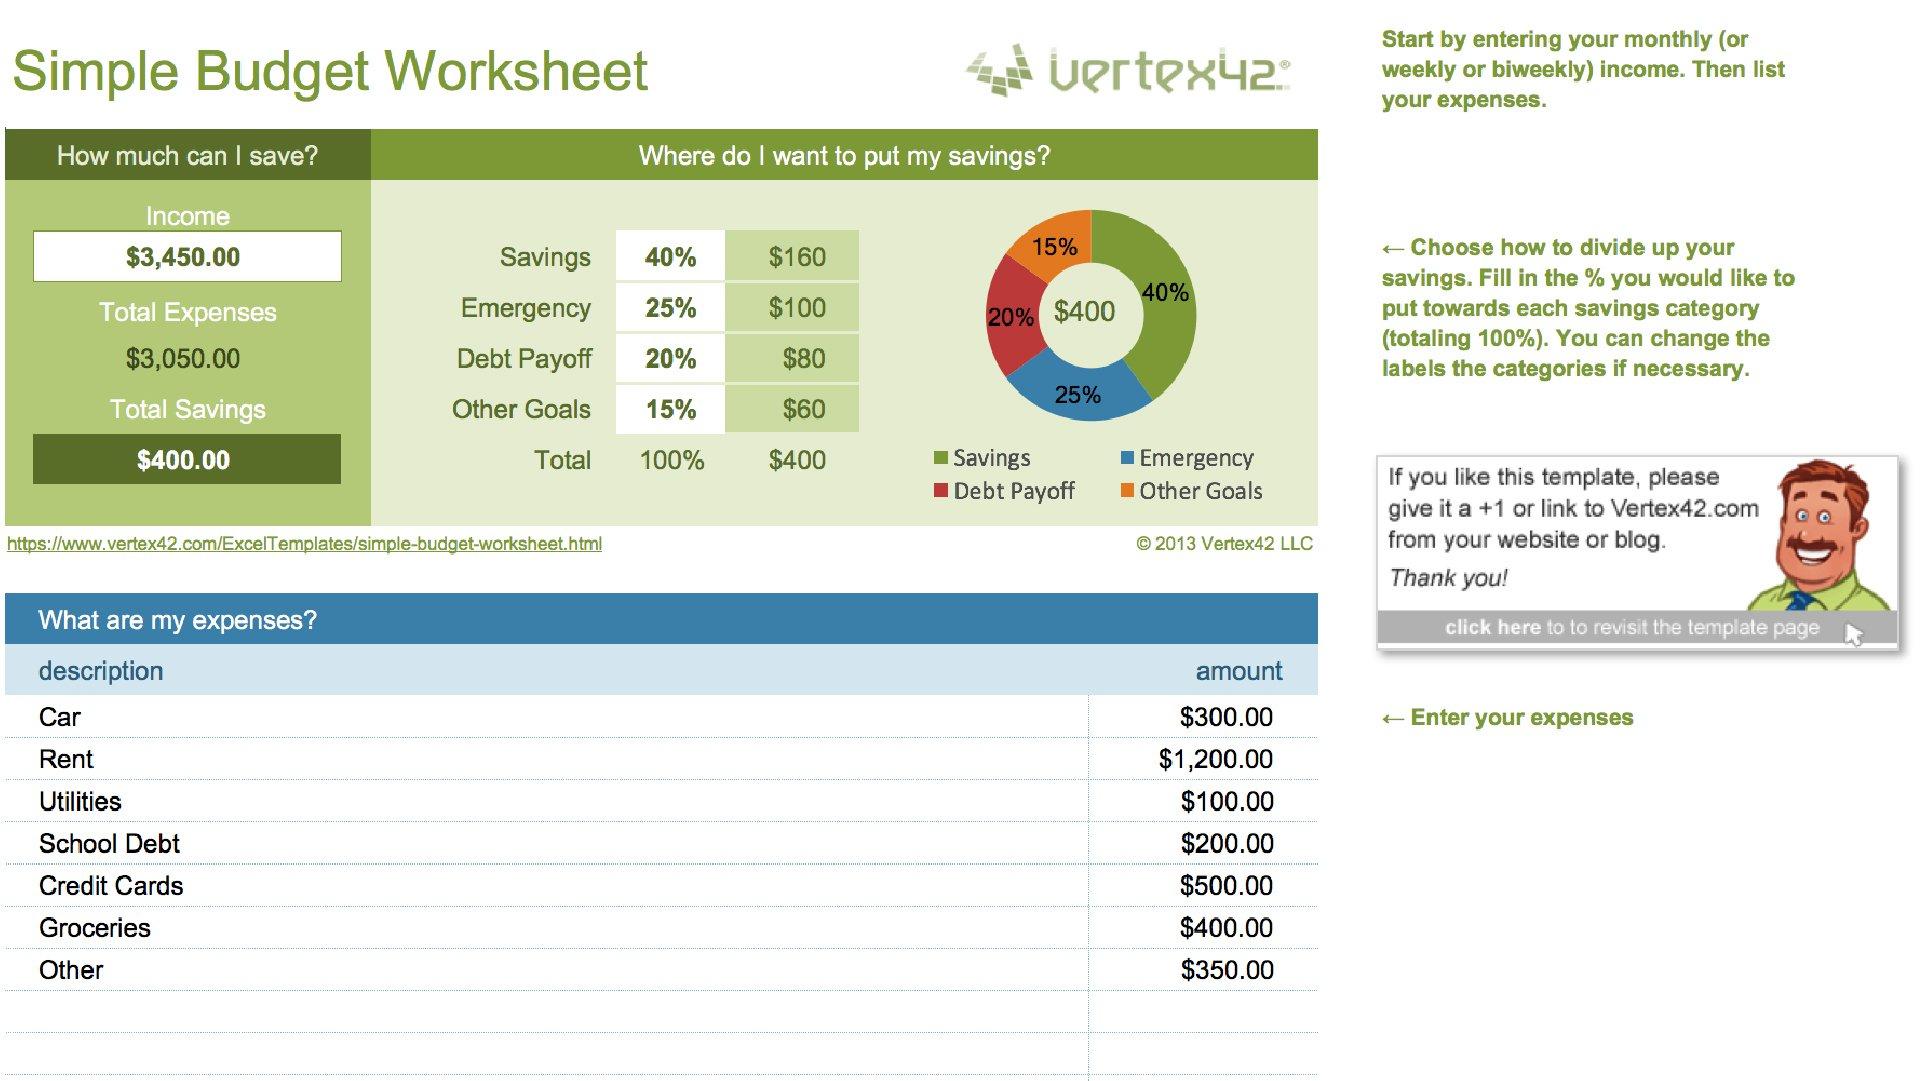 14 Easytouse Free Budget Templates  Gobankingrates Within Easy Budget Worksheet